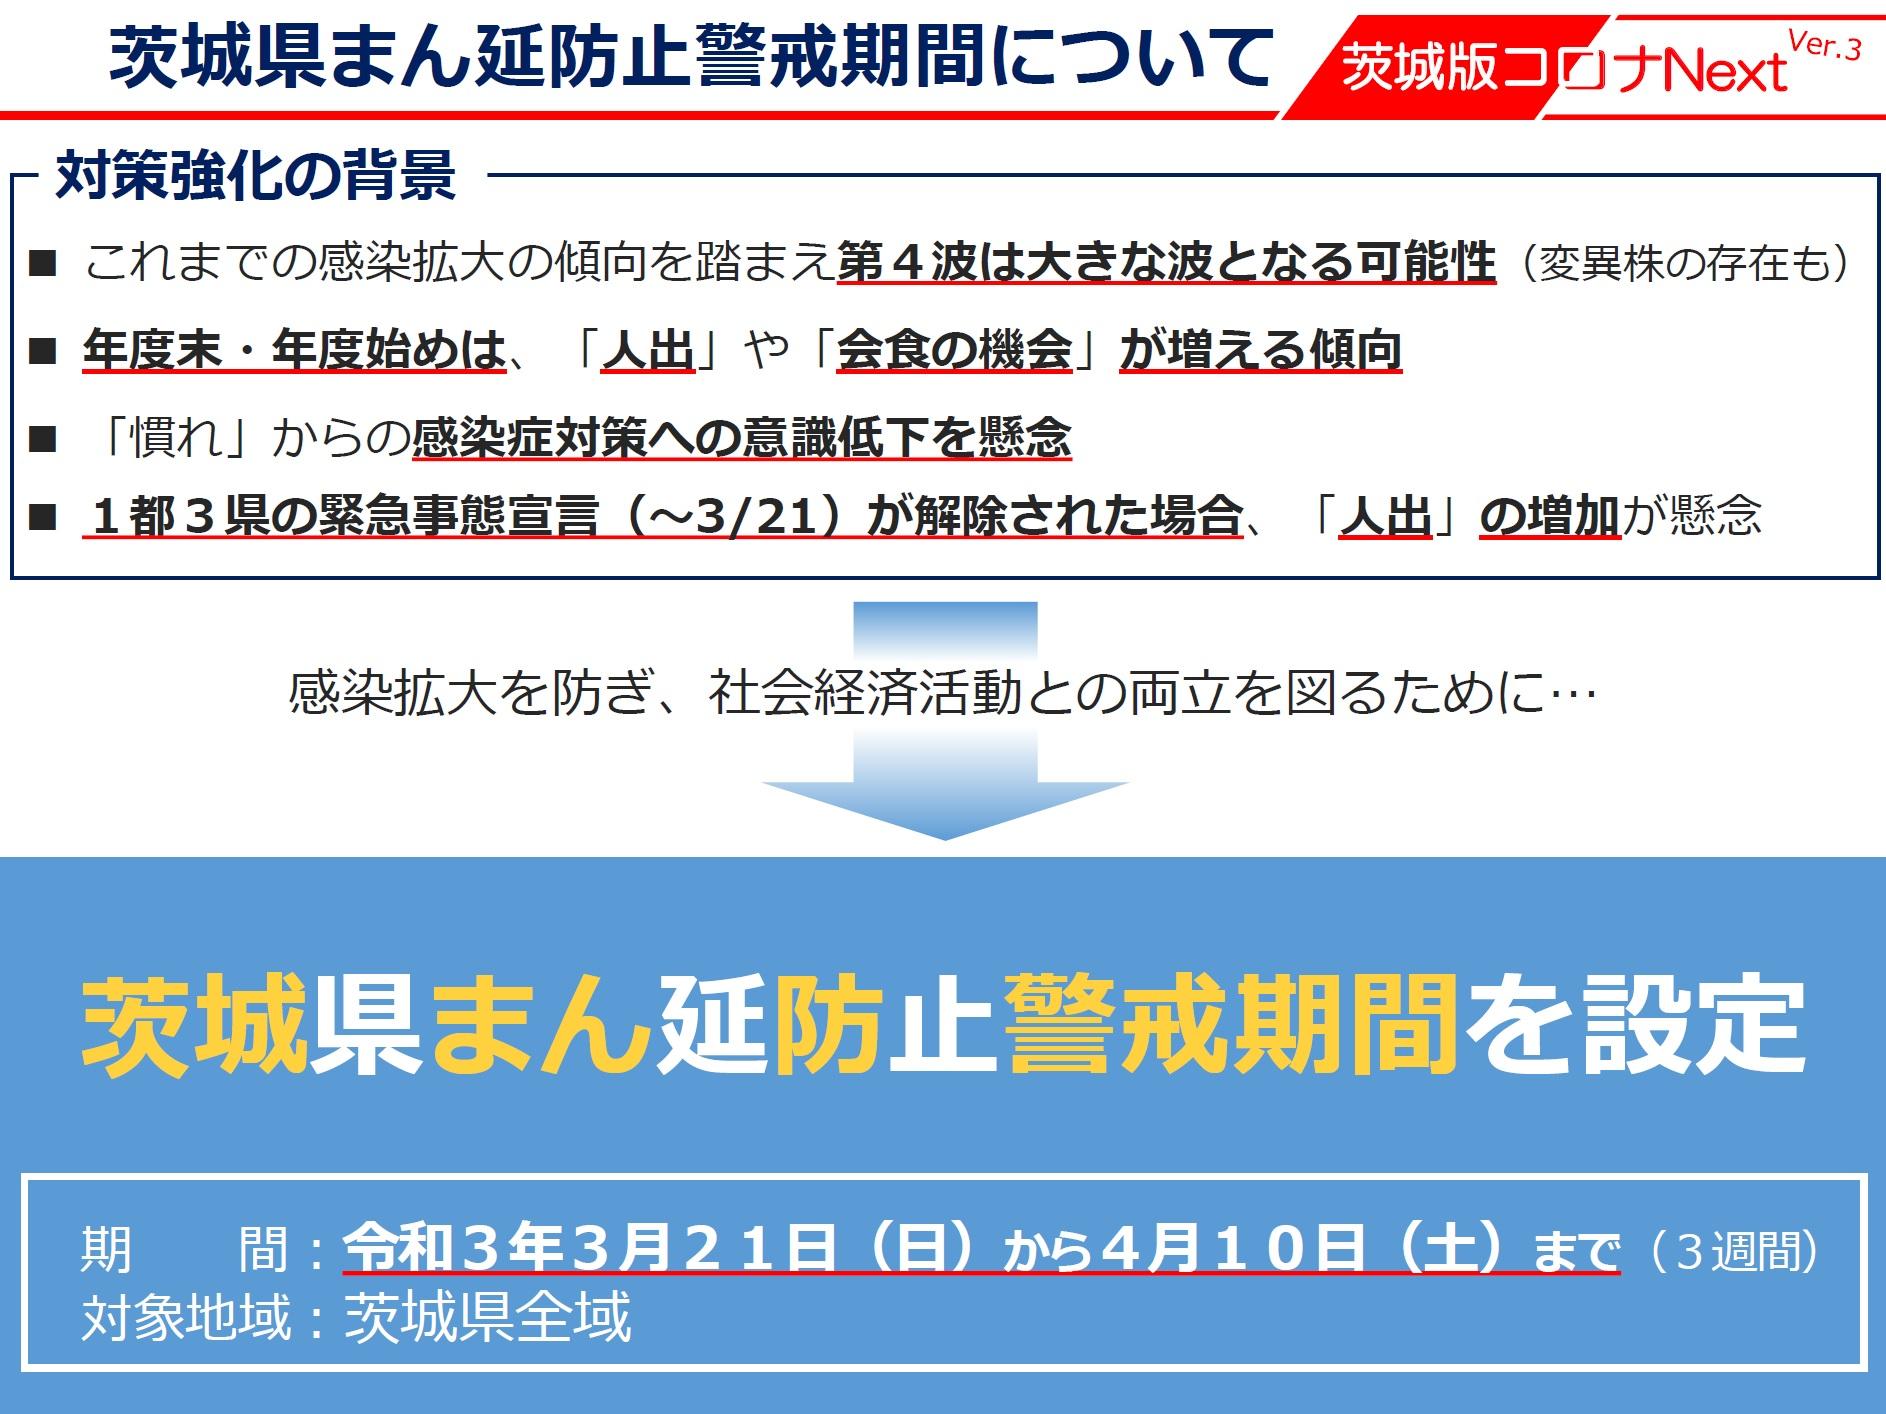 茨城県まん延防止警戒期間が設定されましたpage-visual 茨城県まん延防止警戒期間が設定されましたビジュアル